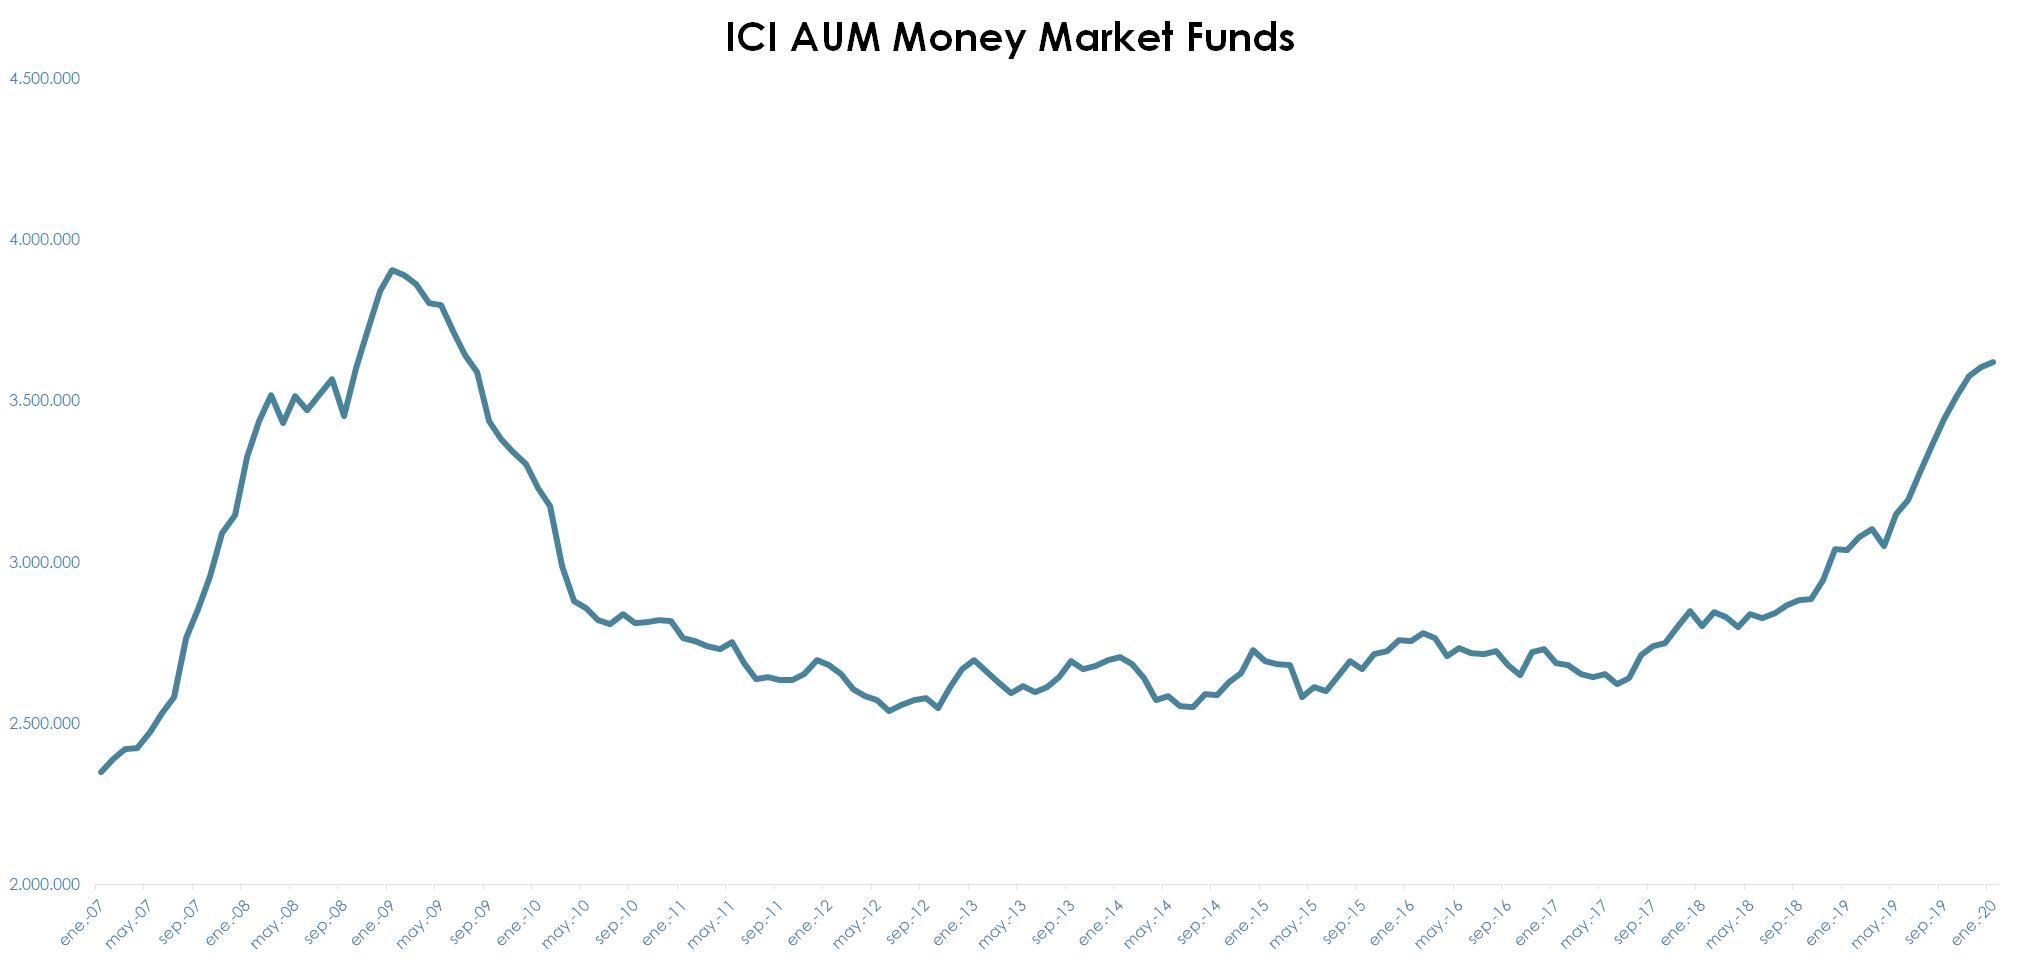 Evolución mercado de fondo monetario